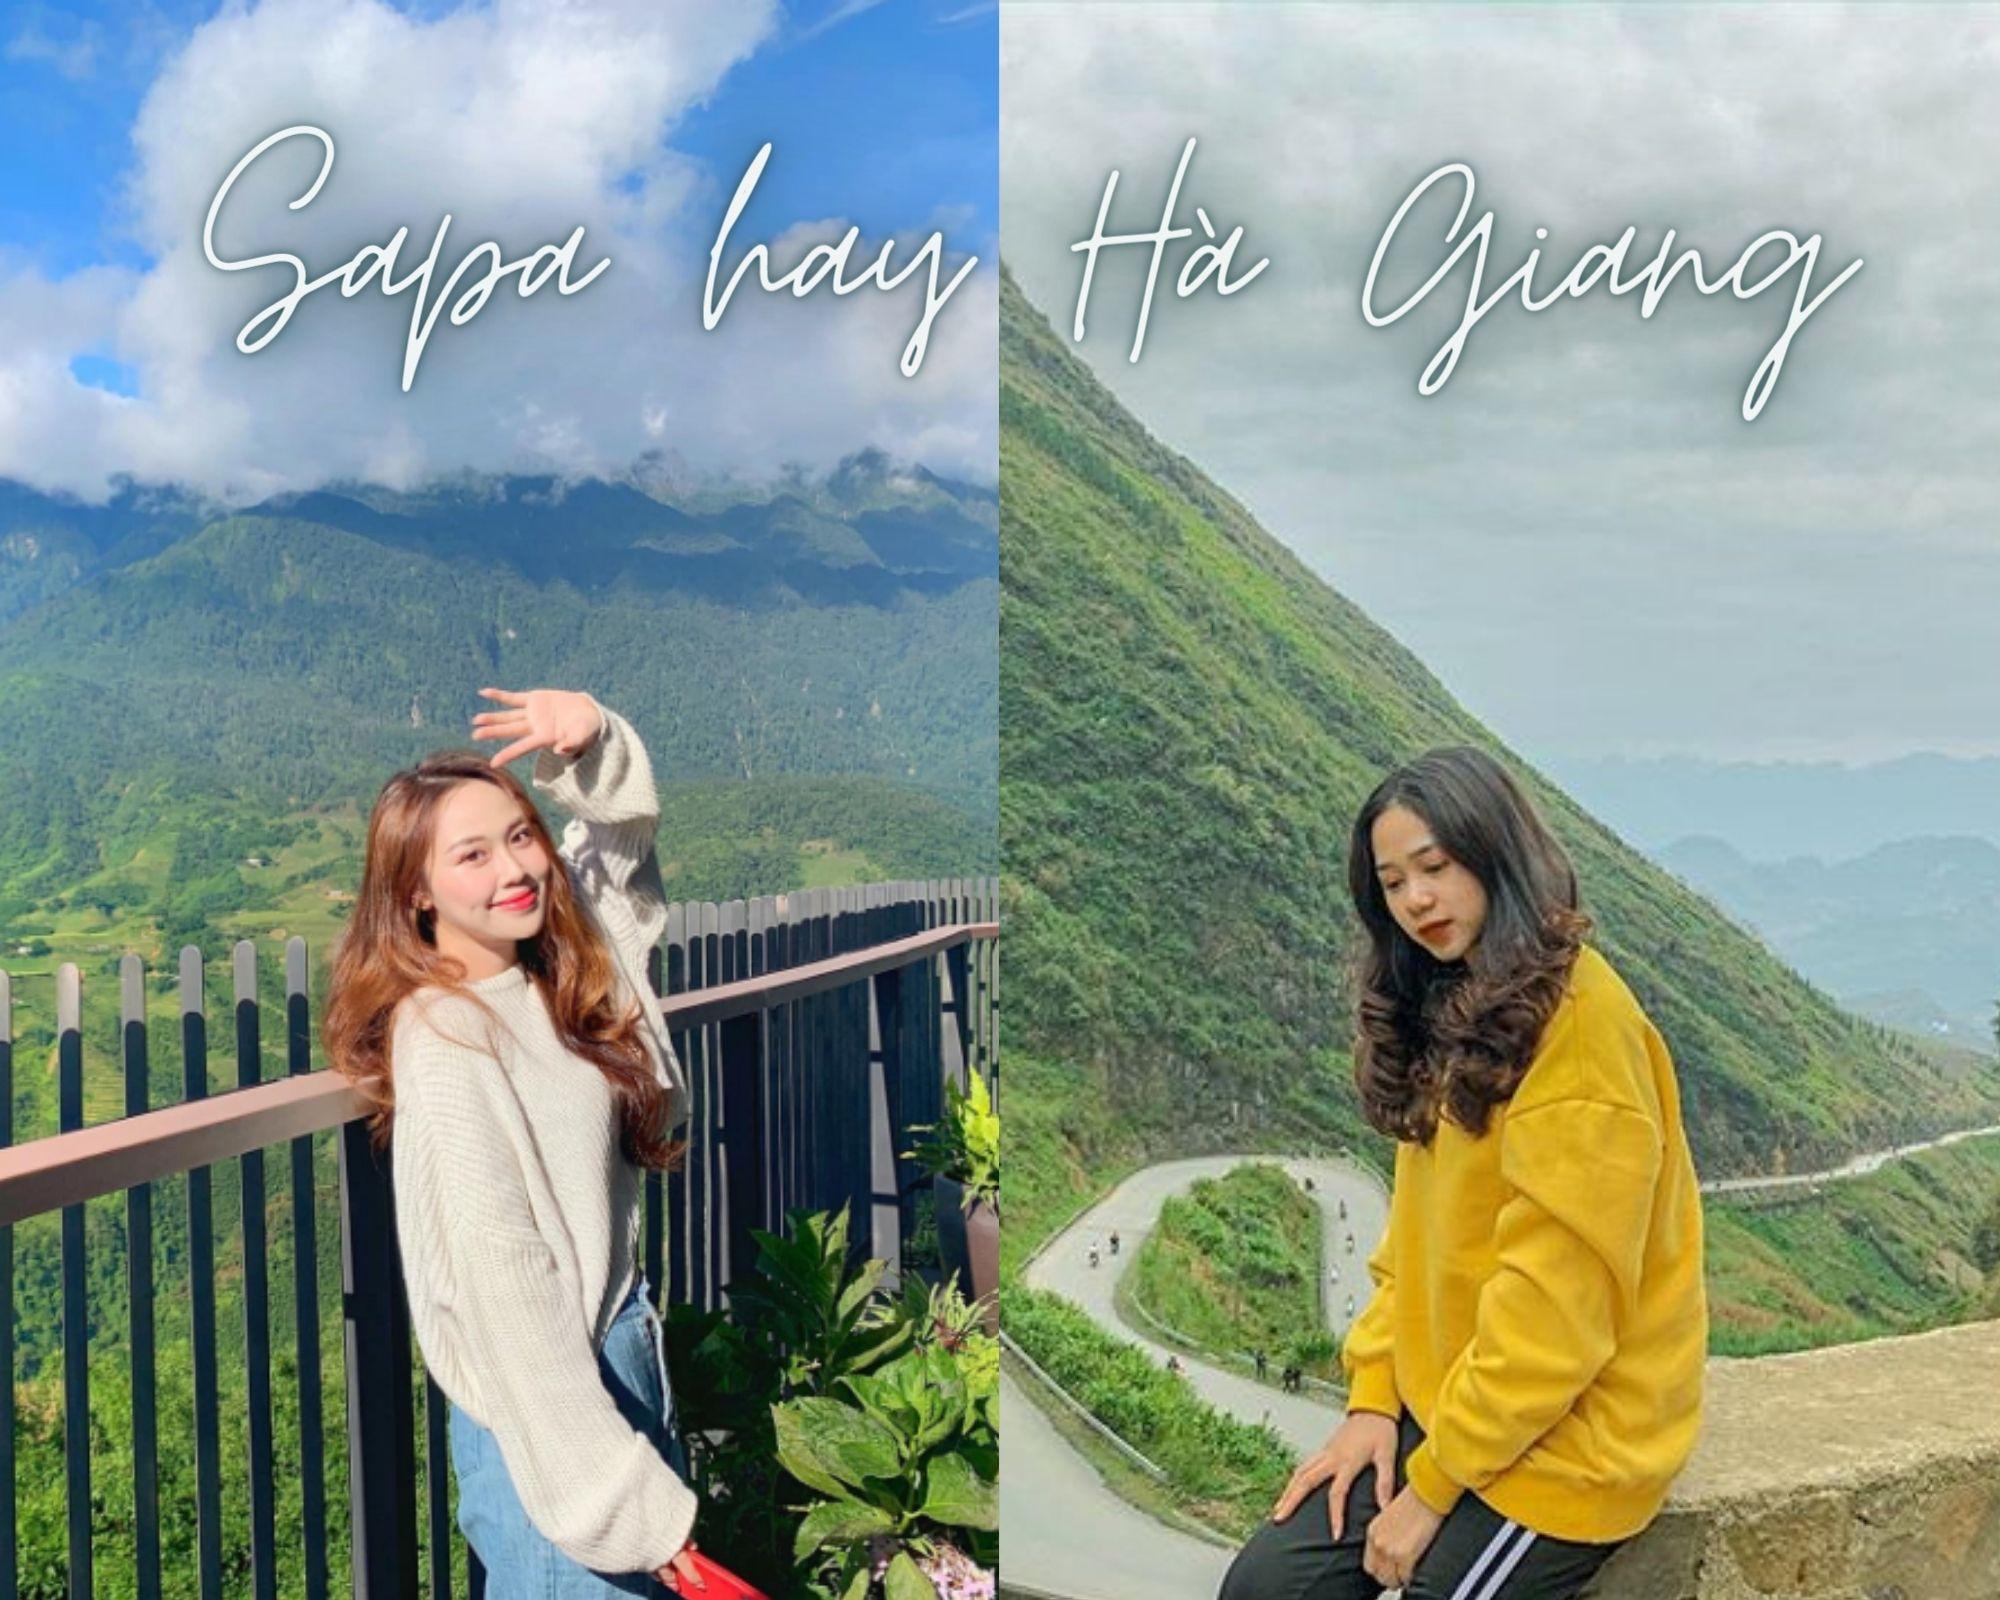 Sapa hay Hà Giang nơi nào cũng đẹp, nơi nào cũng hấp dẫn